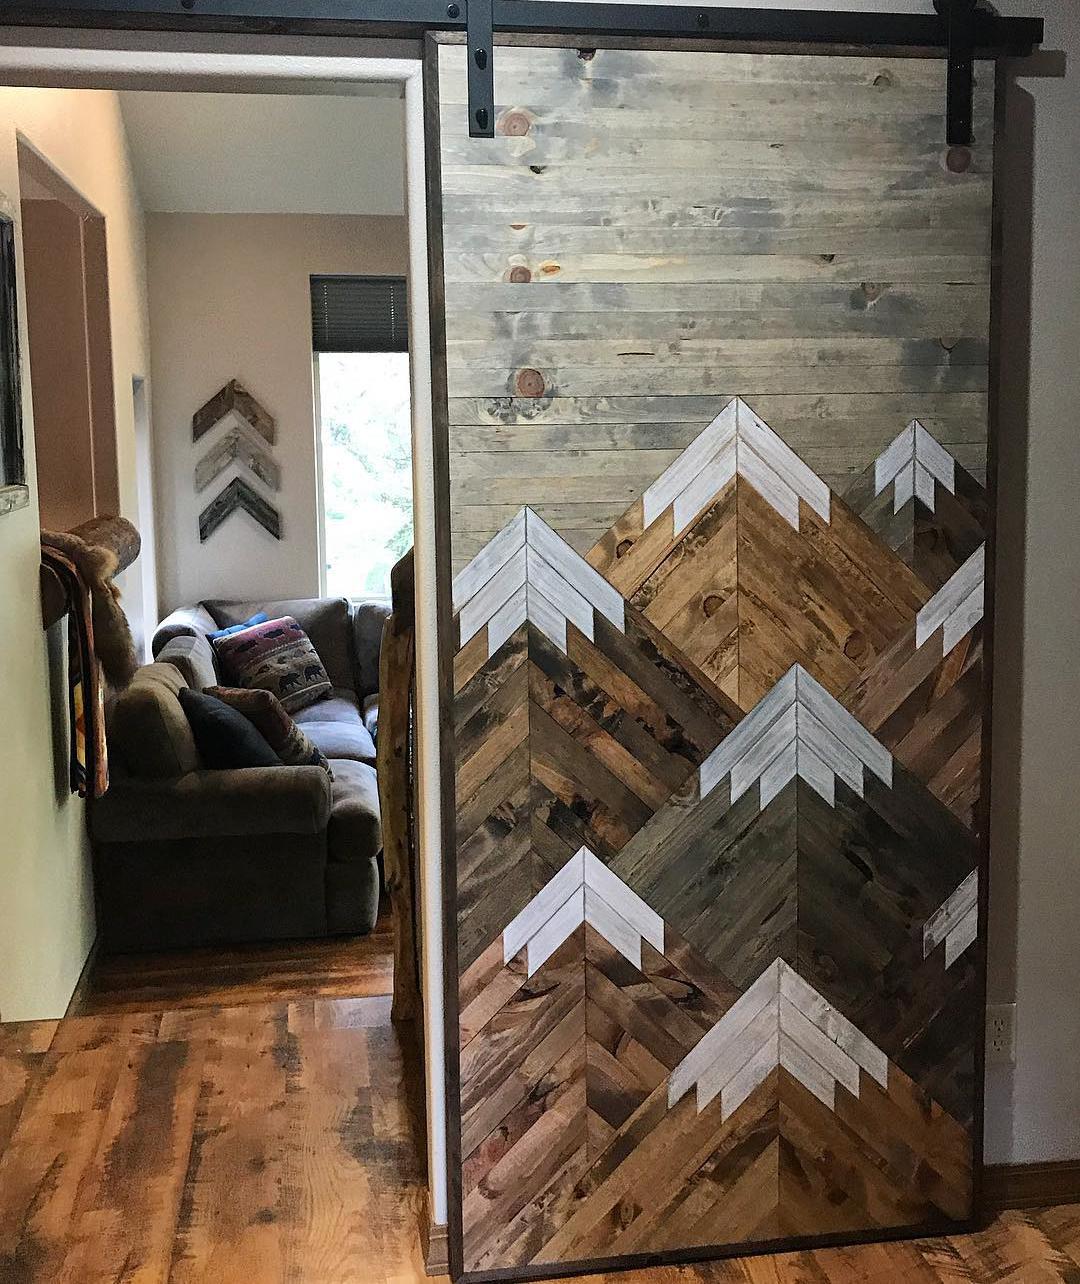 A bespoke woodwork door. Image: @bayoceanrusticdesign/Instagram